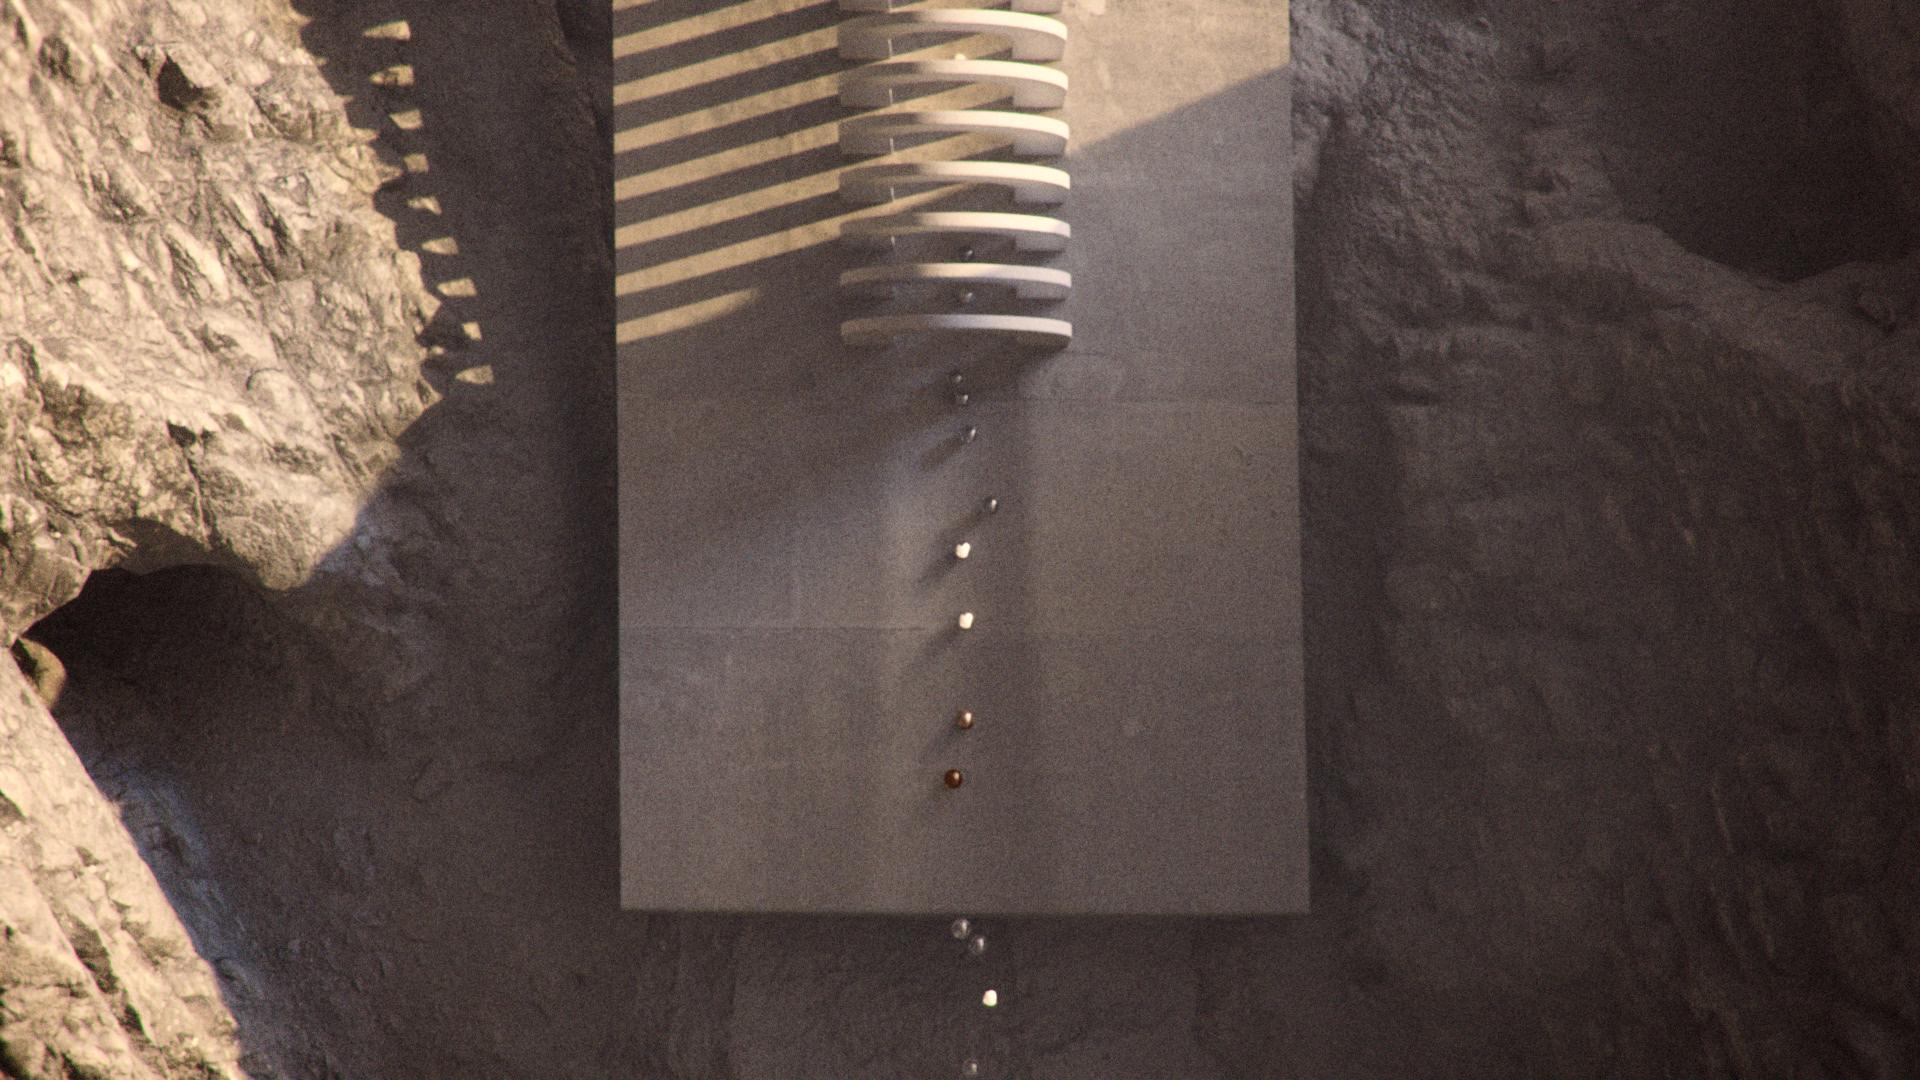 vlcsnap-00028